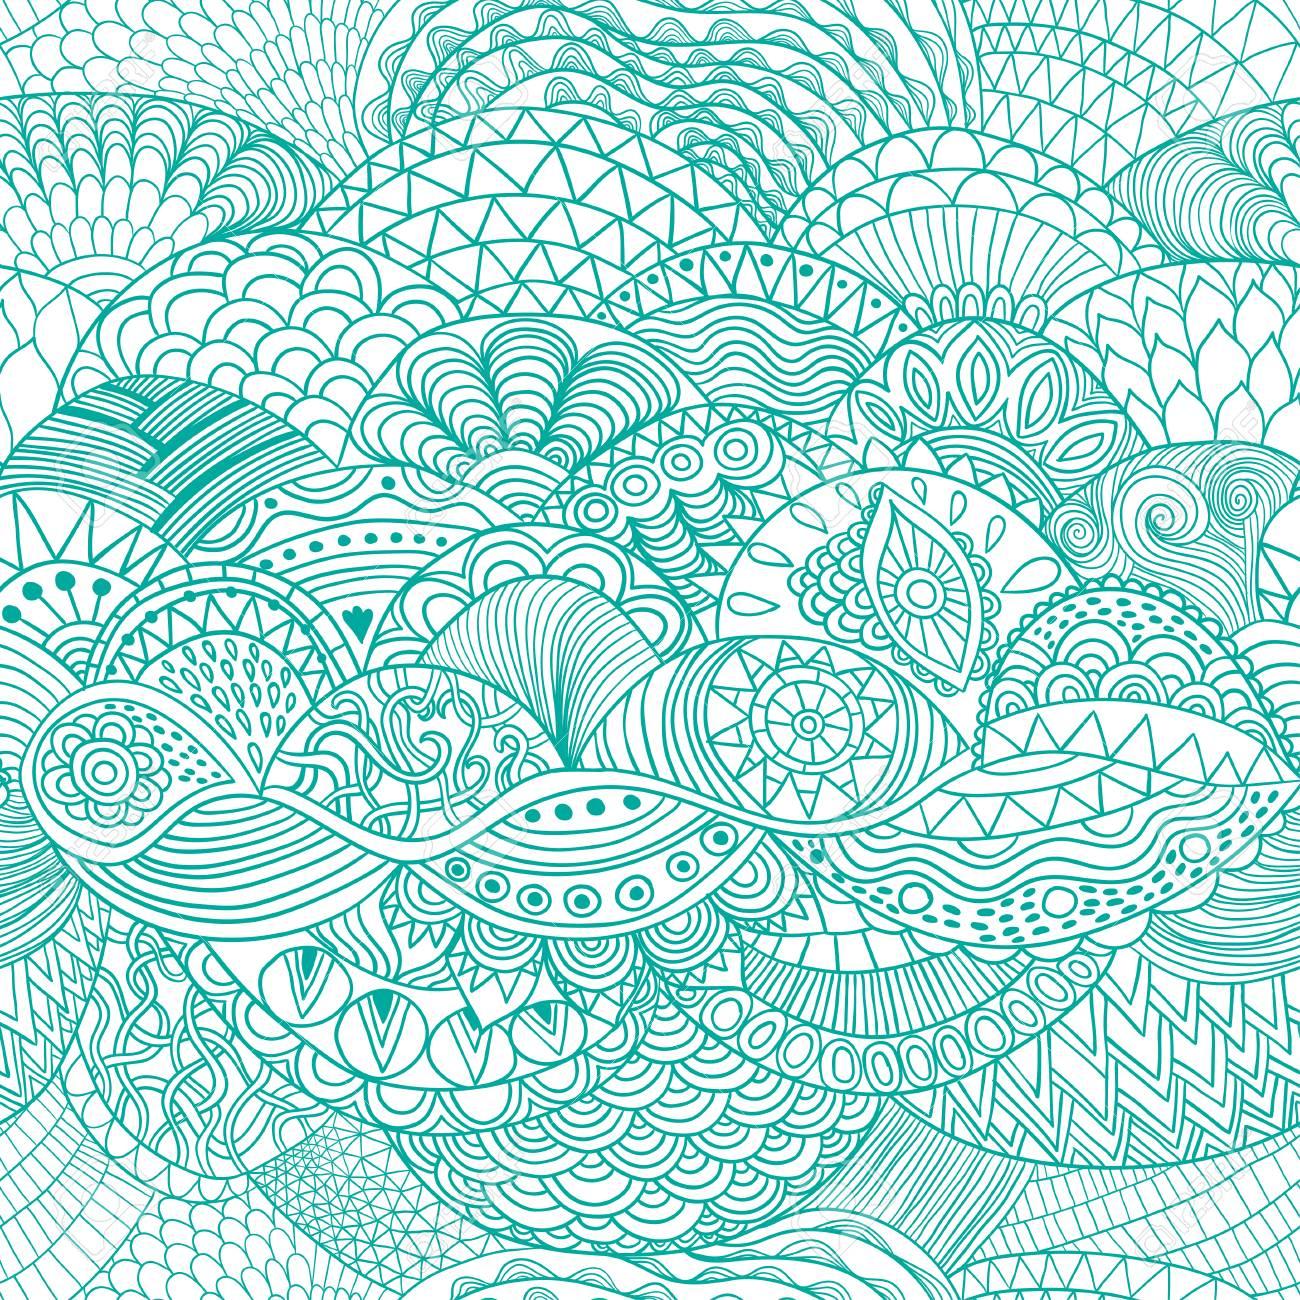 藻海モチーフのイラスト素材ベクタ Image 87779164